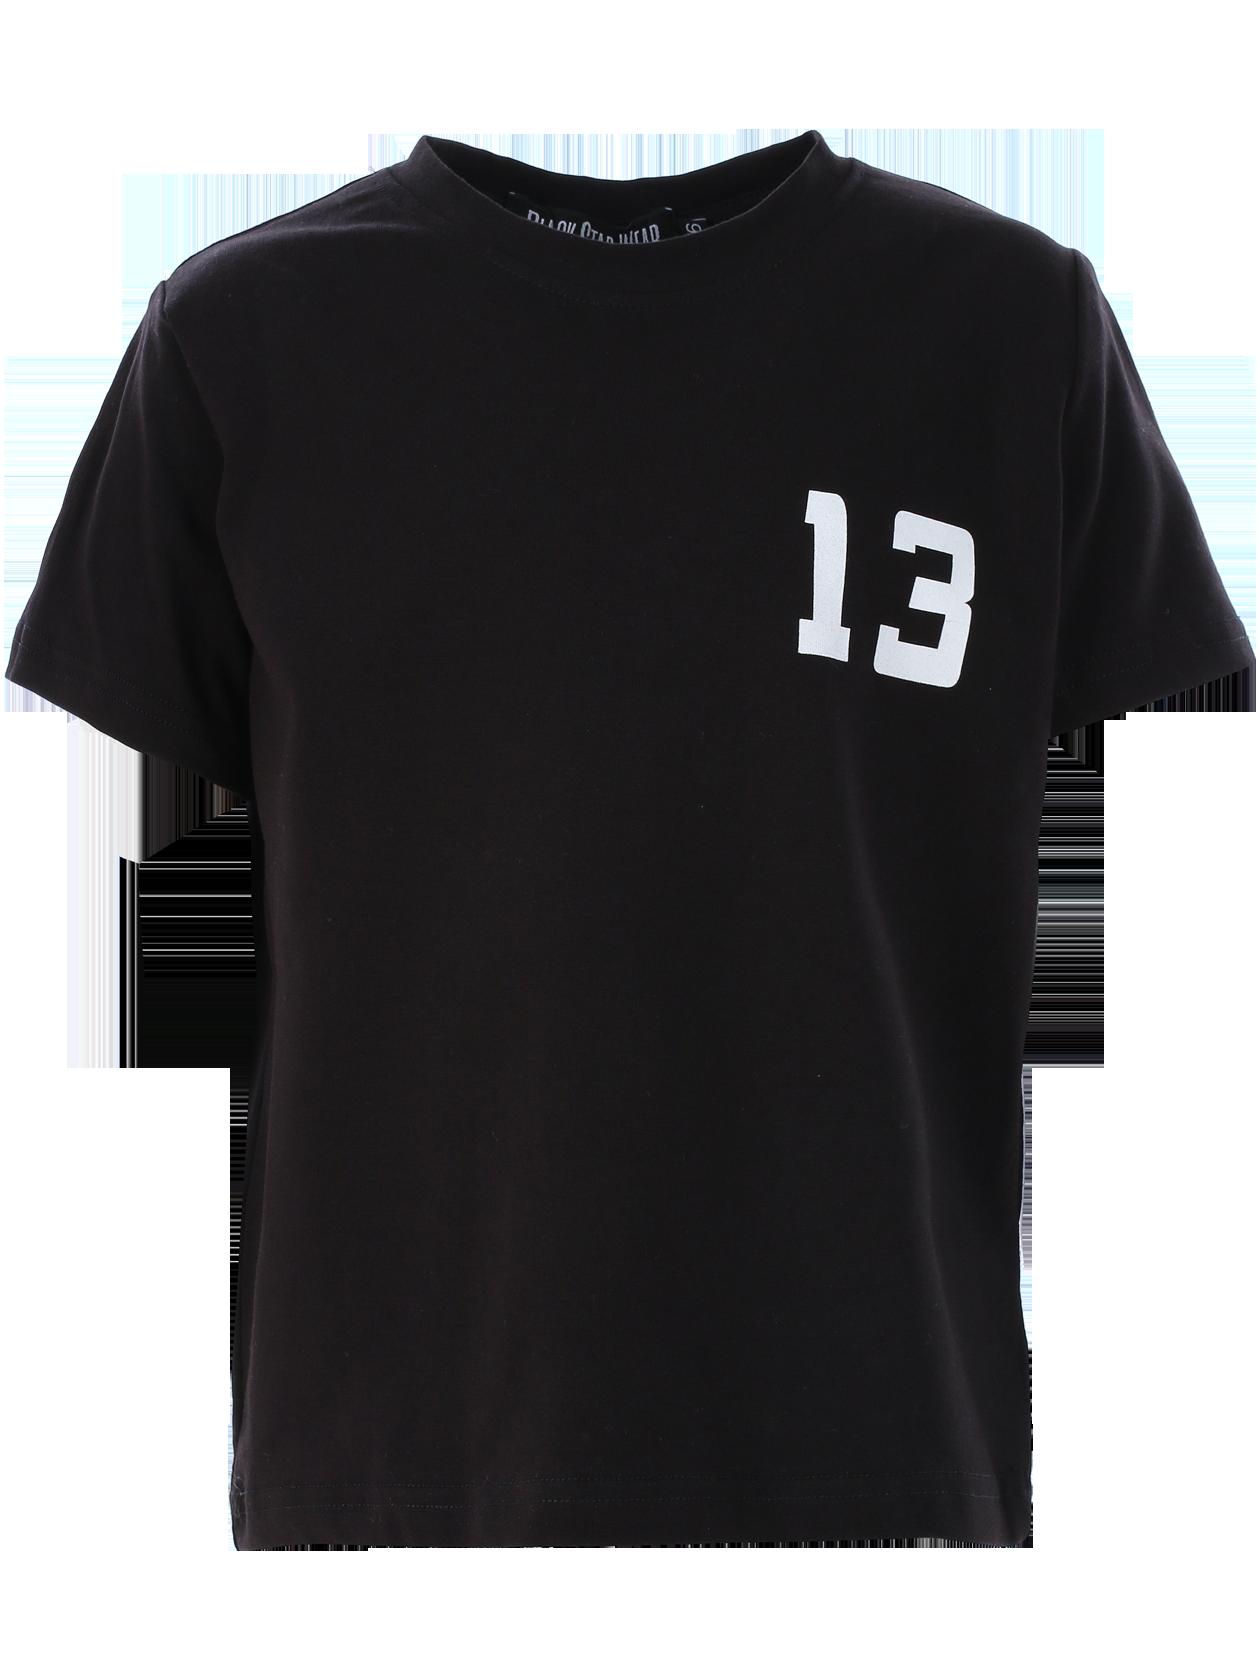 Kids t-shirt Black Star Family 13